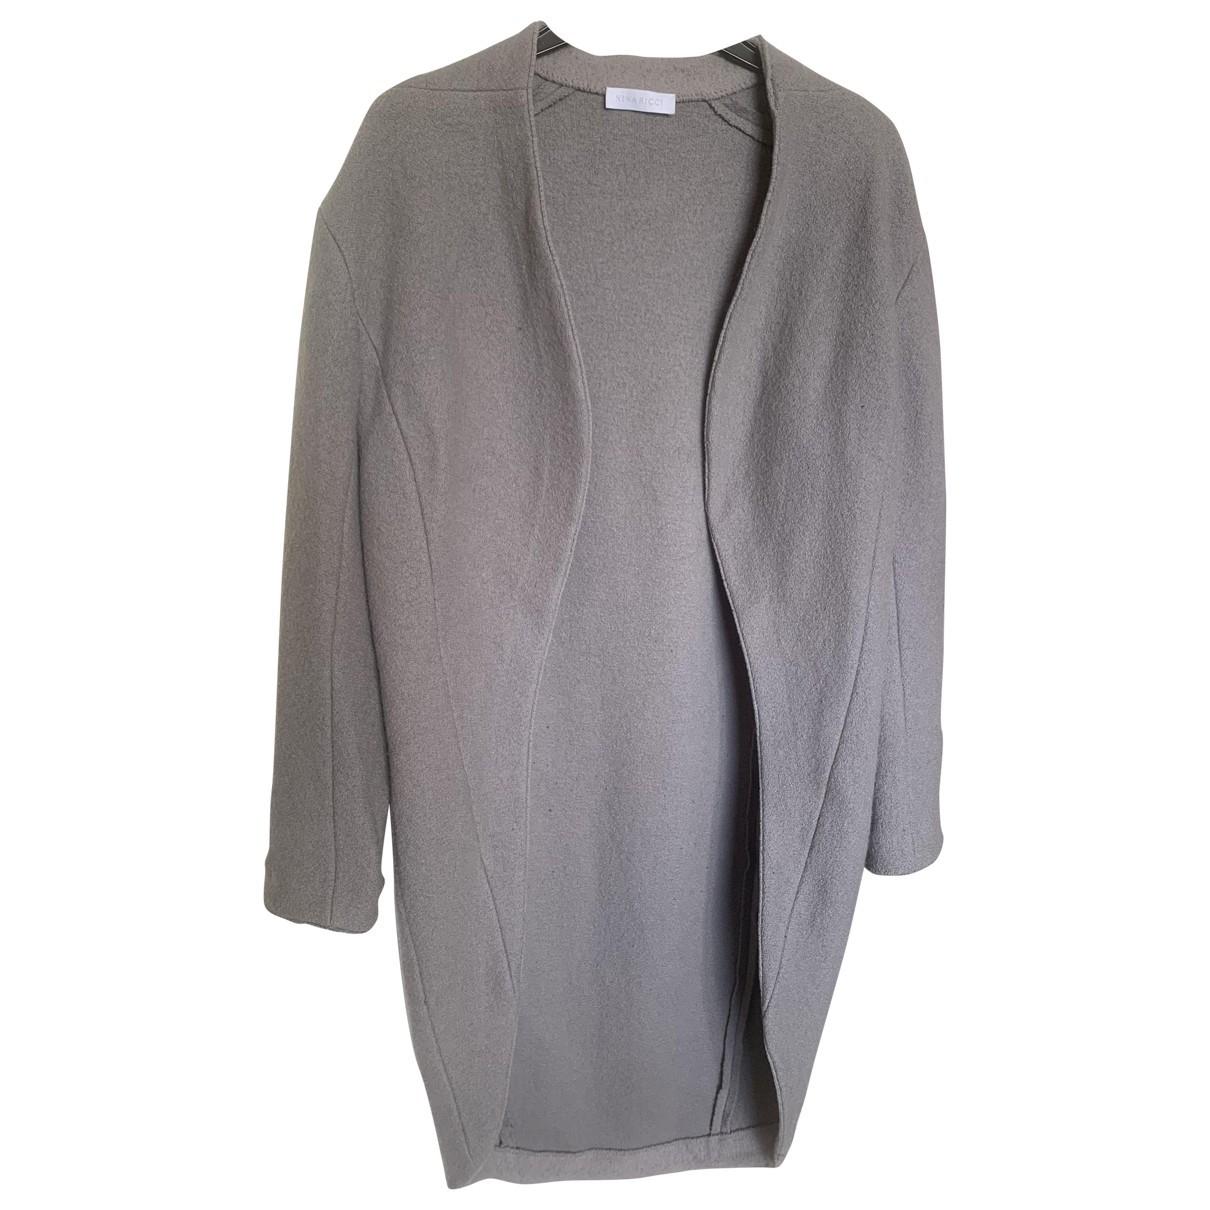 Nina Ricci \N Jacke in  Grau Wolle